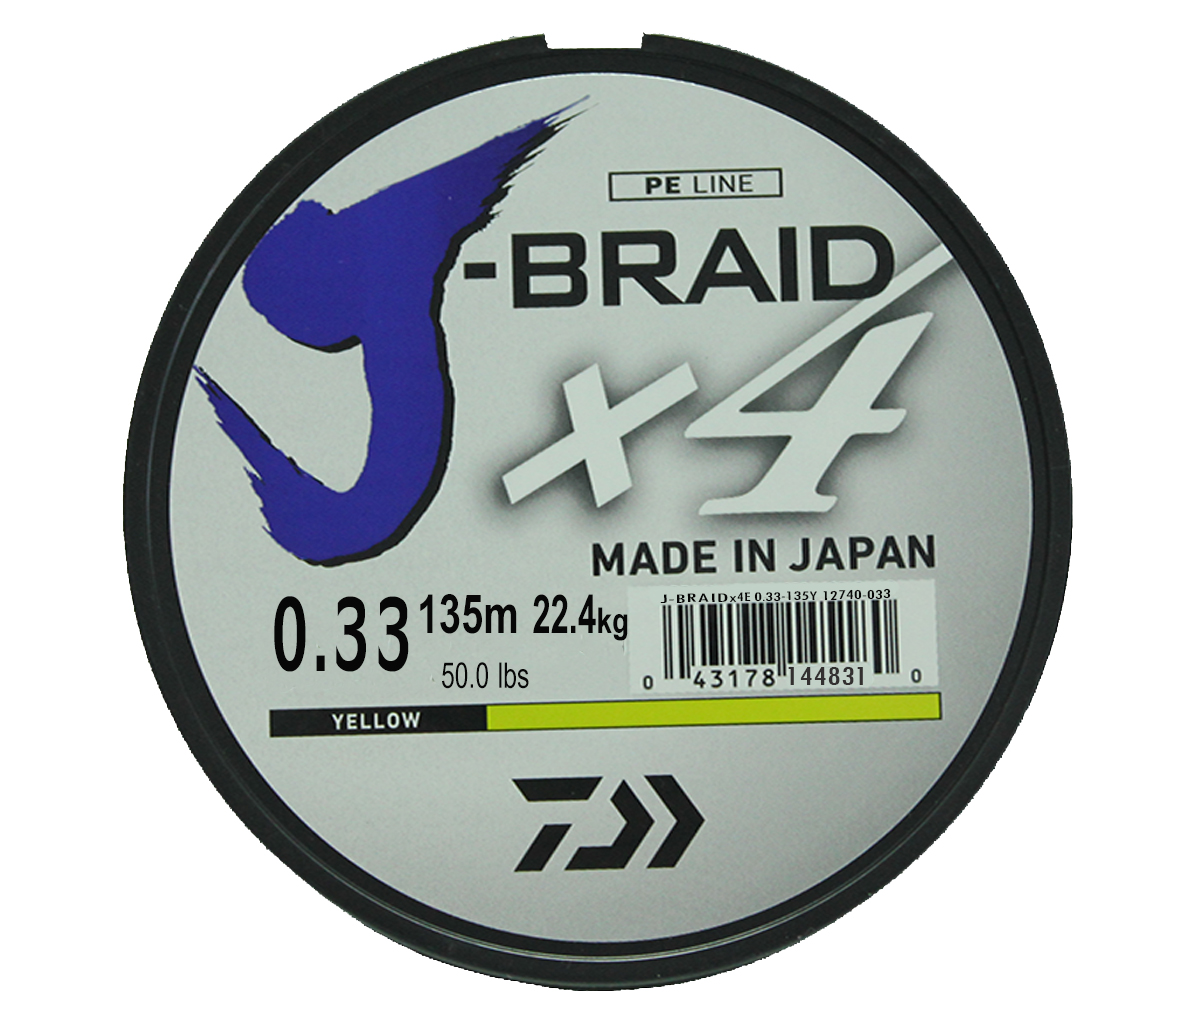 Шнур плетеный Daiwa J-Braid X4, цвет: флуоресцентный желтый, 135 м, 0,33 мм61144Новый четырехжильный шнур J-Braid от Daiwa - шнур высокого класса с удивительным соотношением цены и качества. Качество плетения полностью соответствует японским стандартам и удовлетворяет всем требованиям. Представленные диаметры позволяют использовать шнур для всех техник ловли, начиная от Ultra-Light ловли окуня, до морской ловли палтуса, трески и так далее.